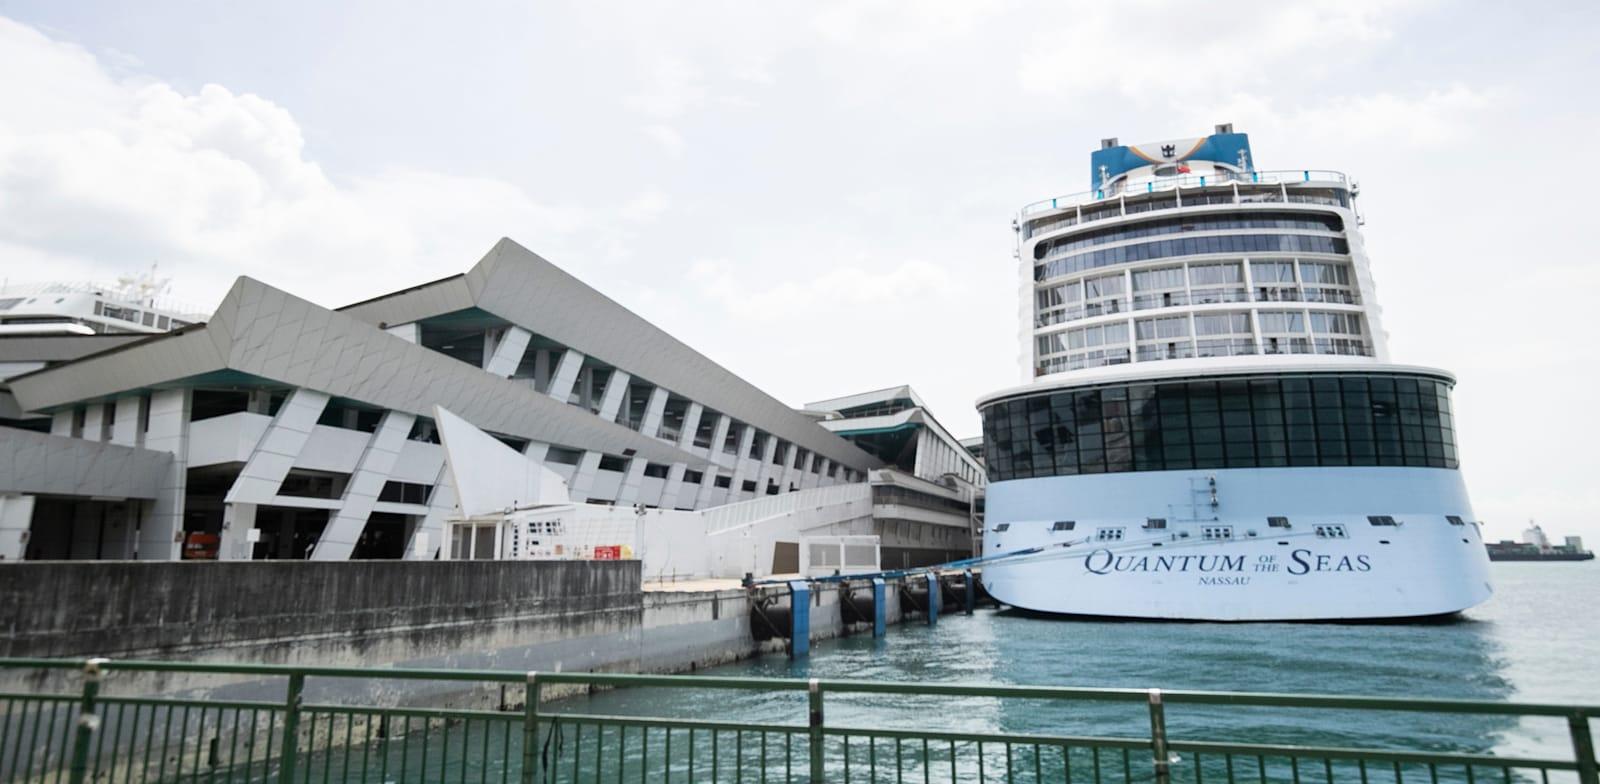 הספינה של רויאל קריביאן עגונה בסינגפור / צילום: Danial Hakim